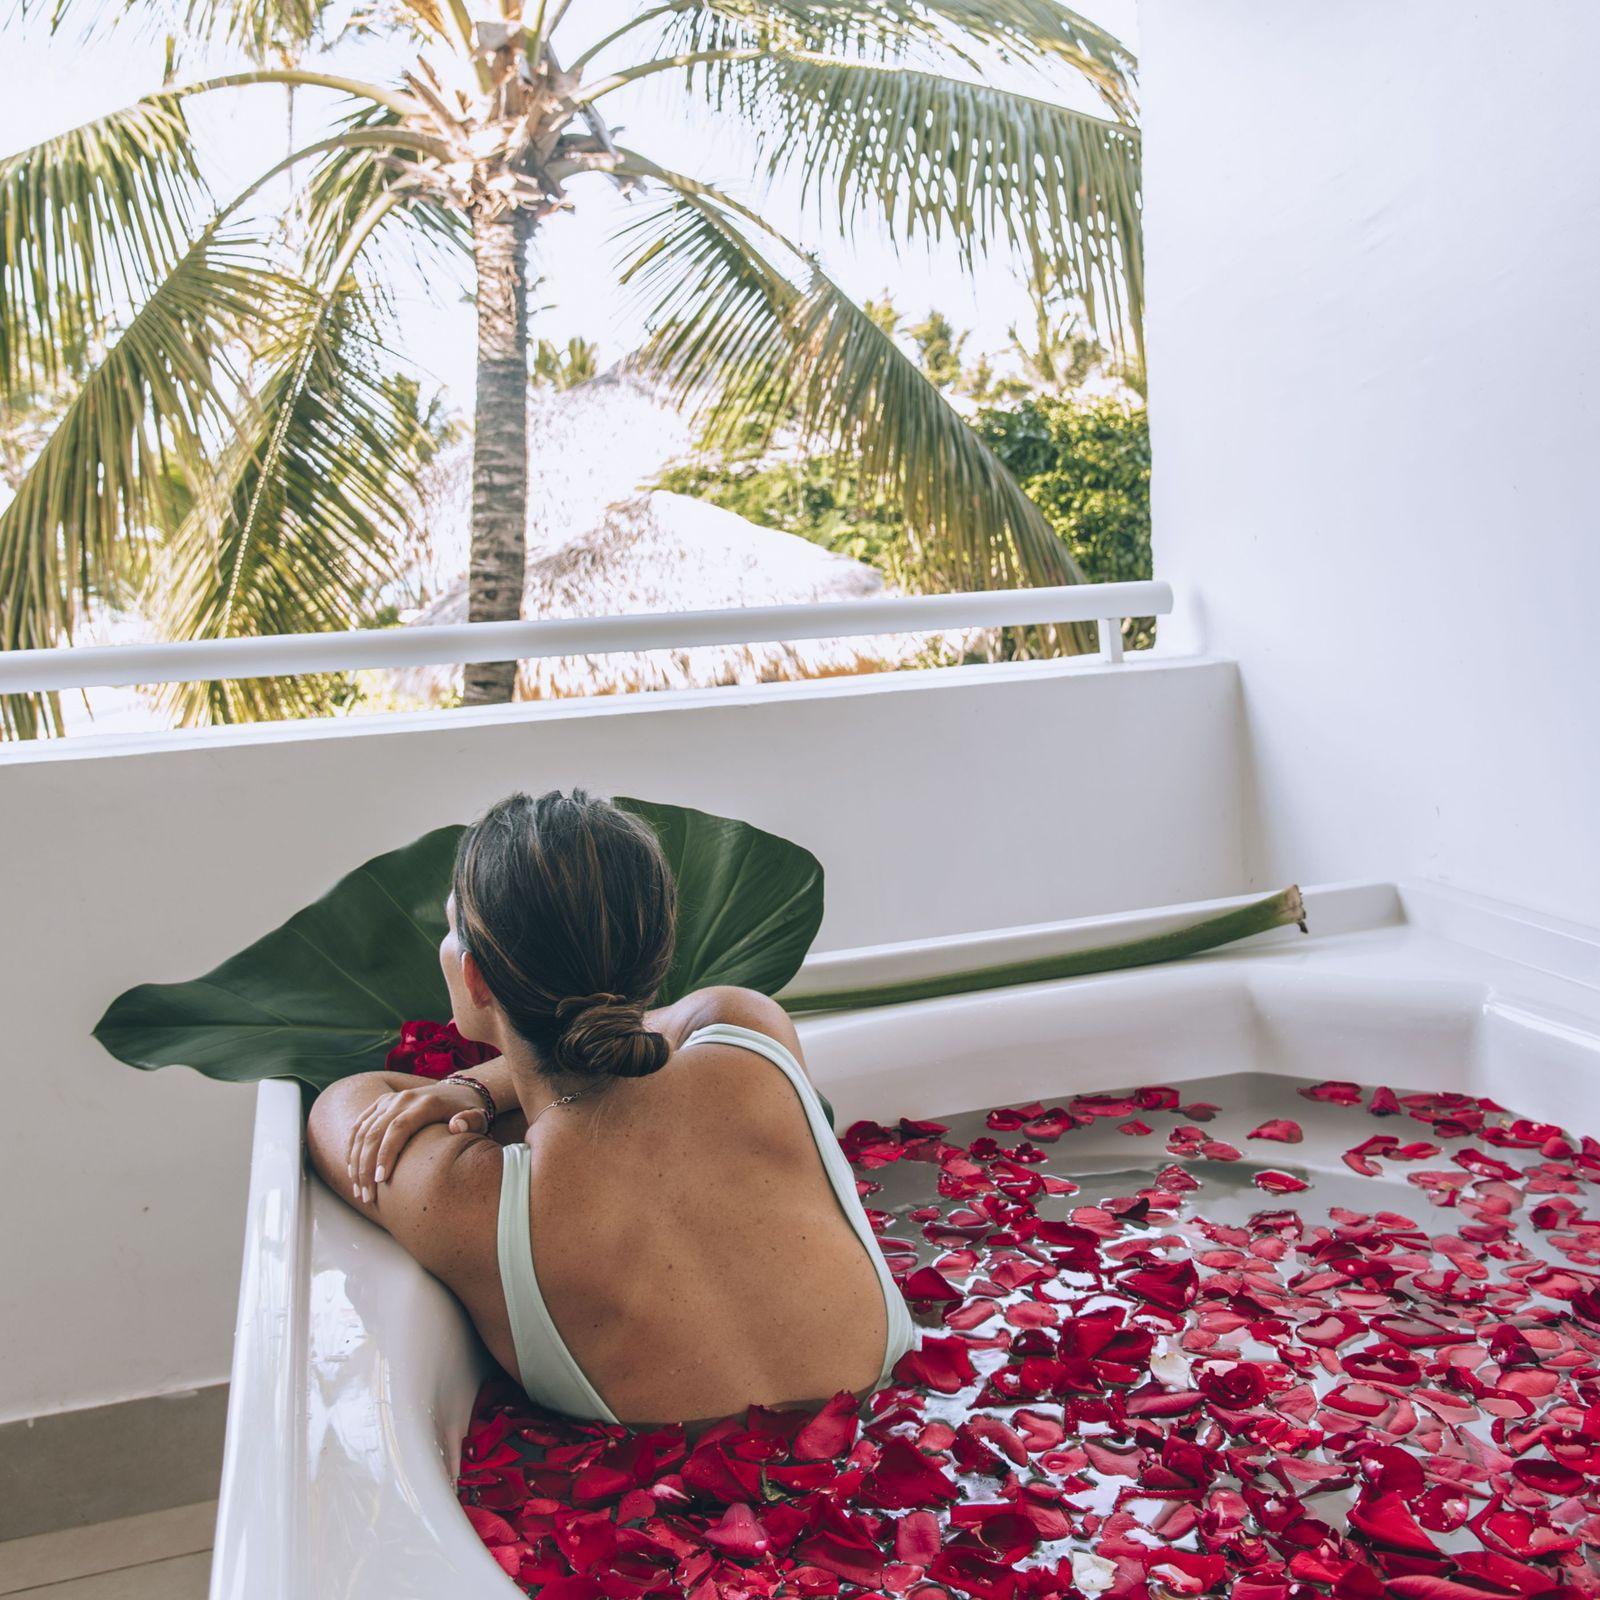 Hoteles con bañera de hidromasaje para vacaciones en clave de relax en Punta Cana